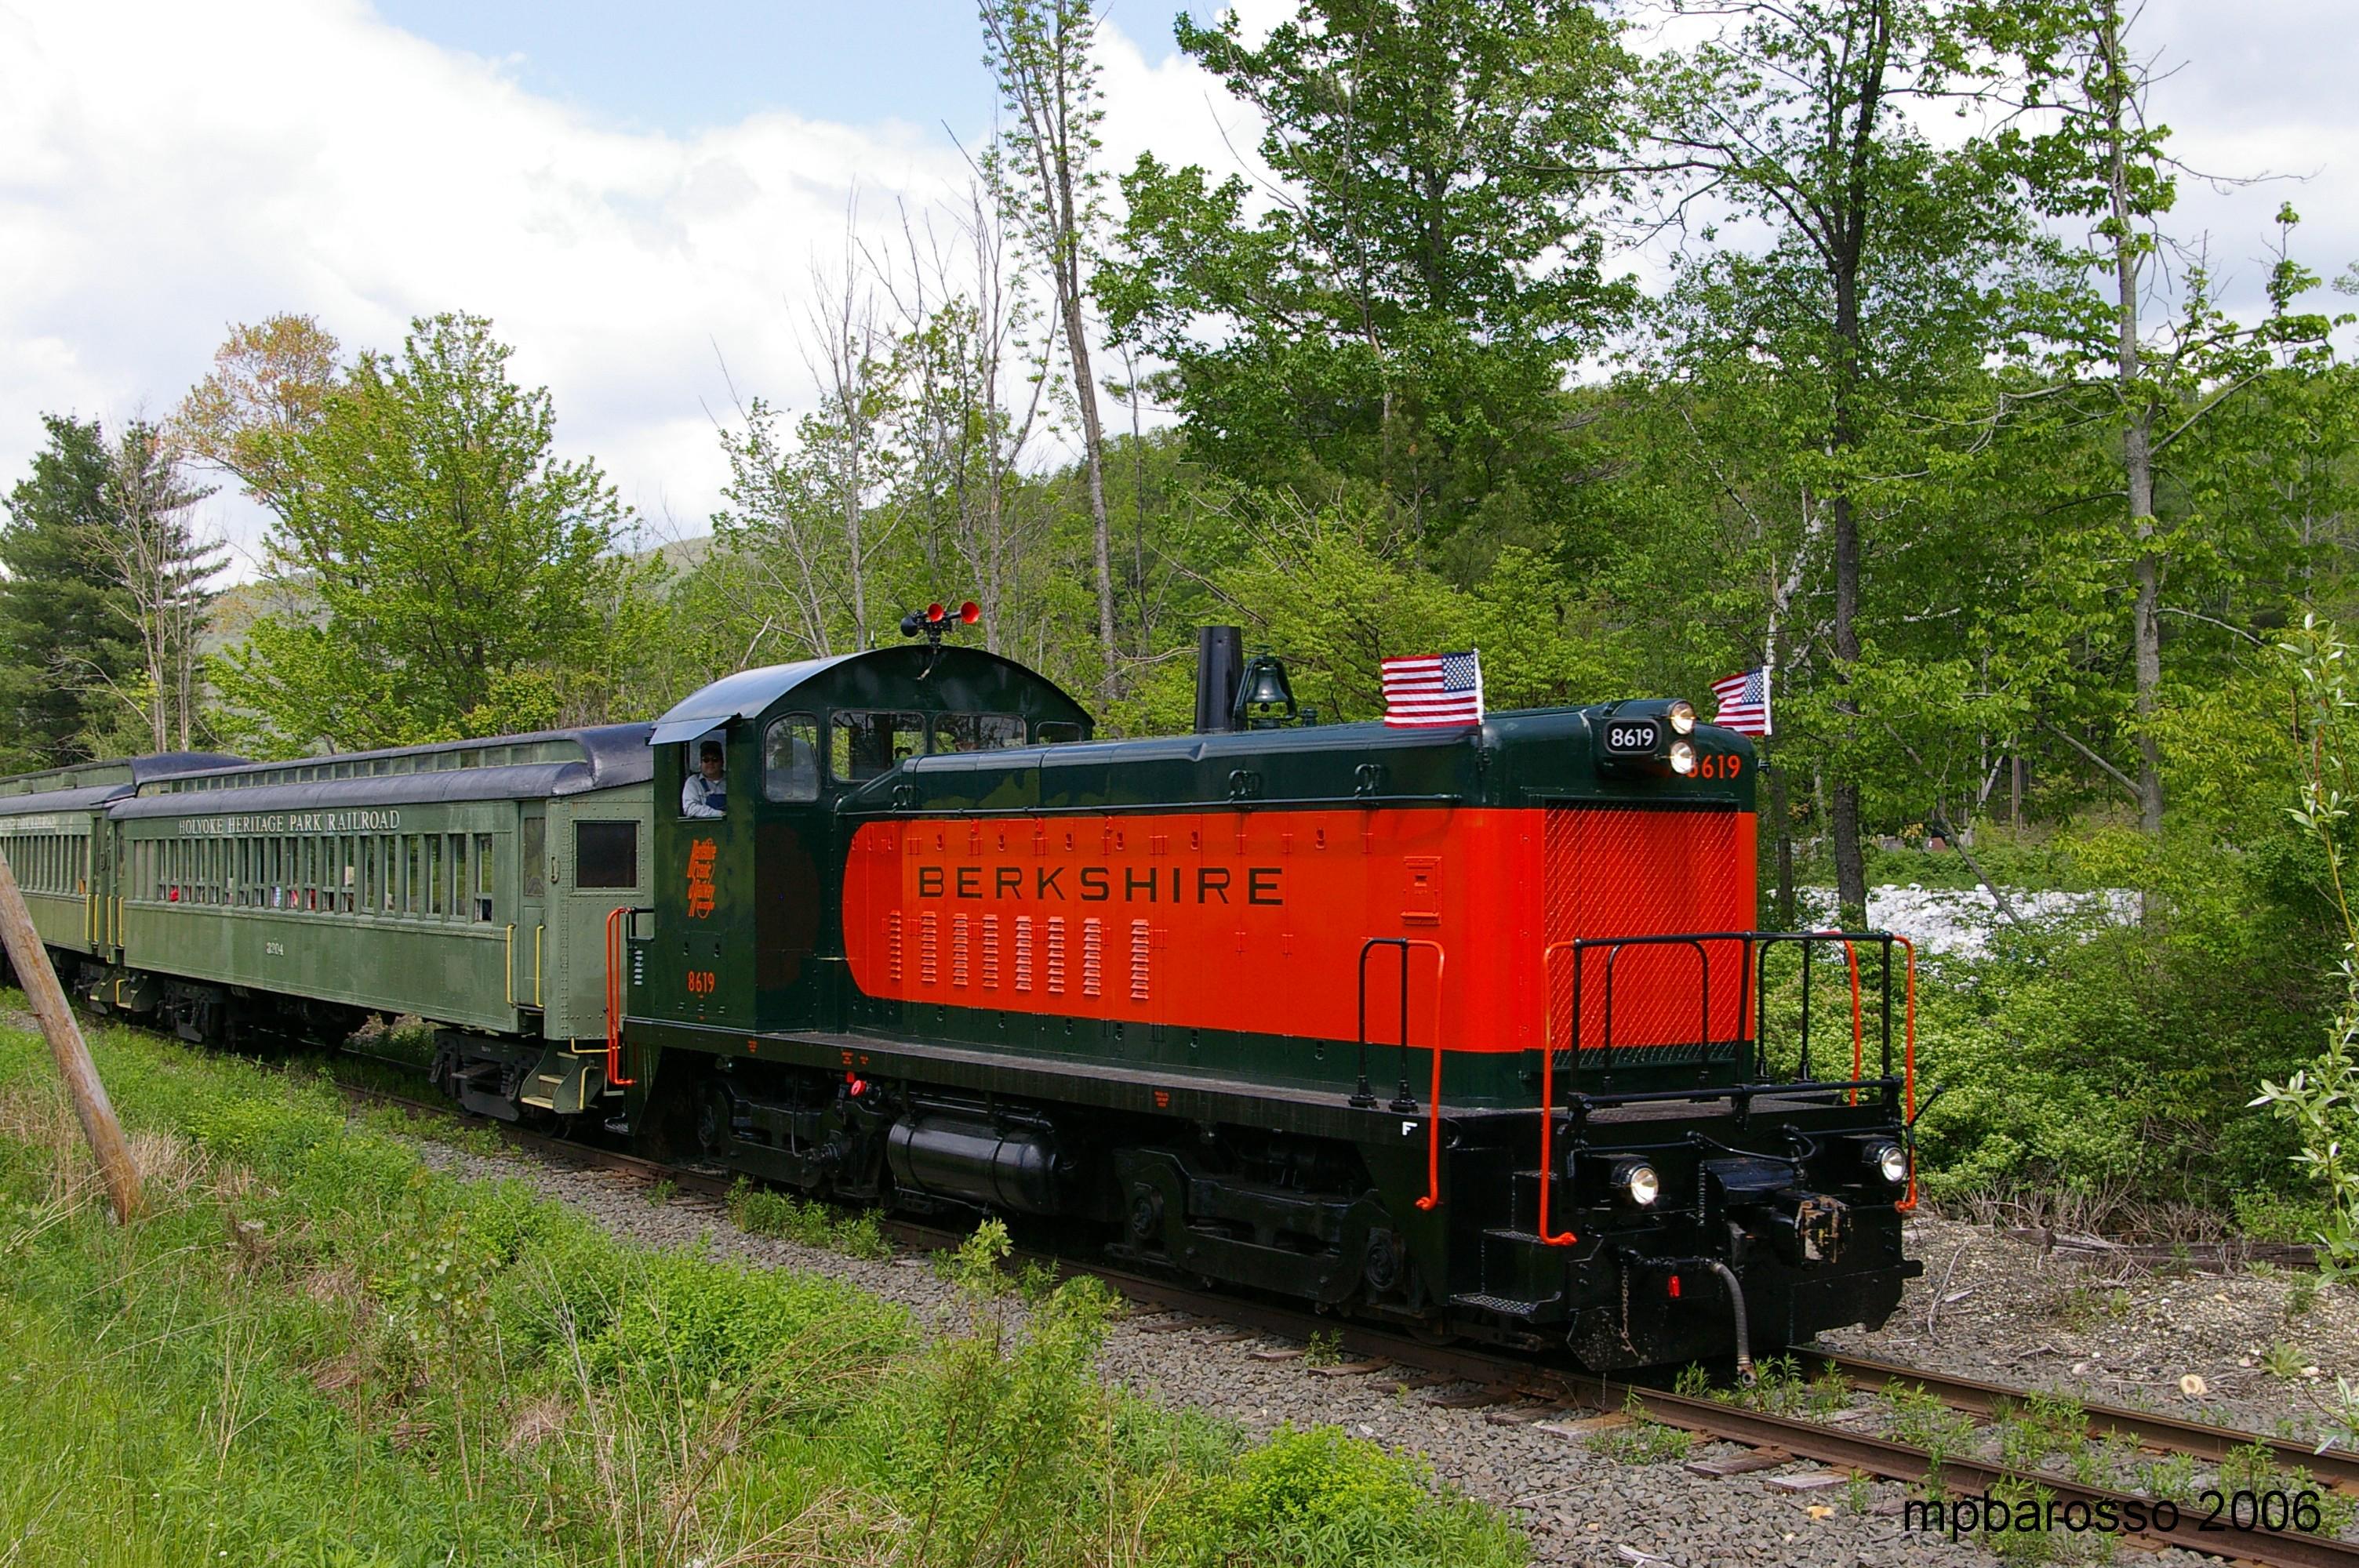 Berkshire Scenic Railway